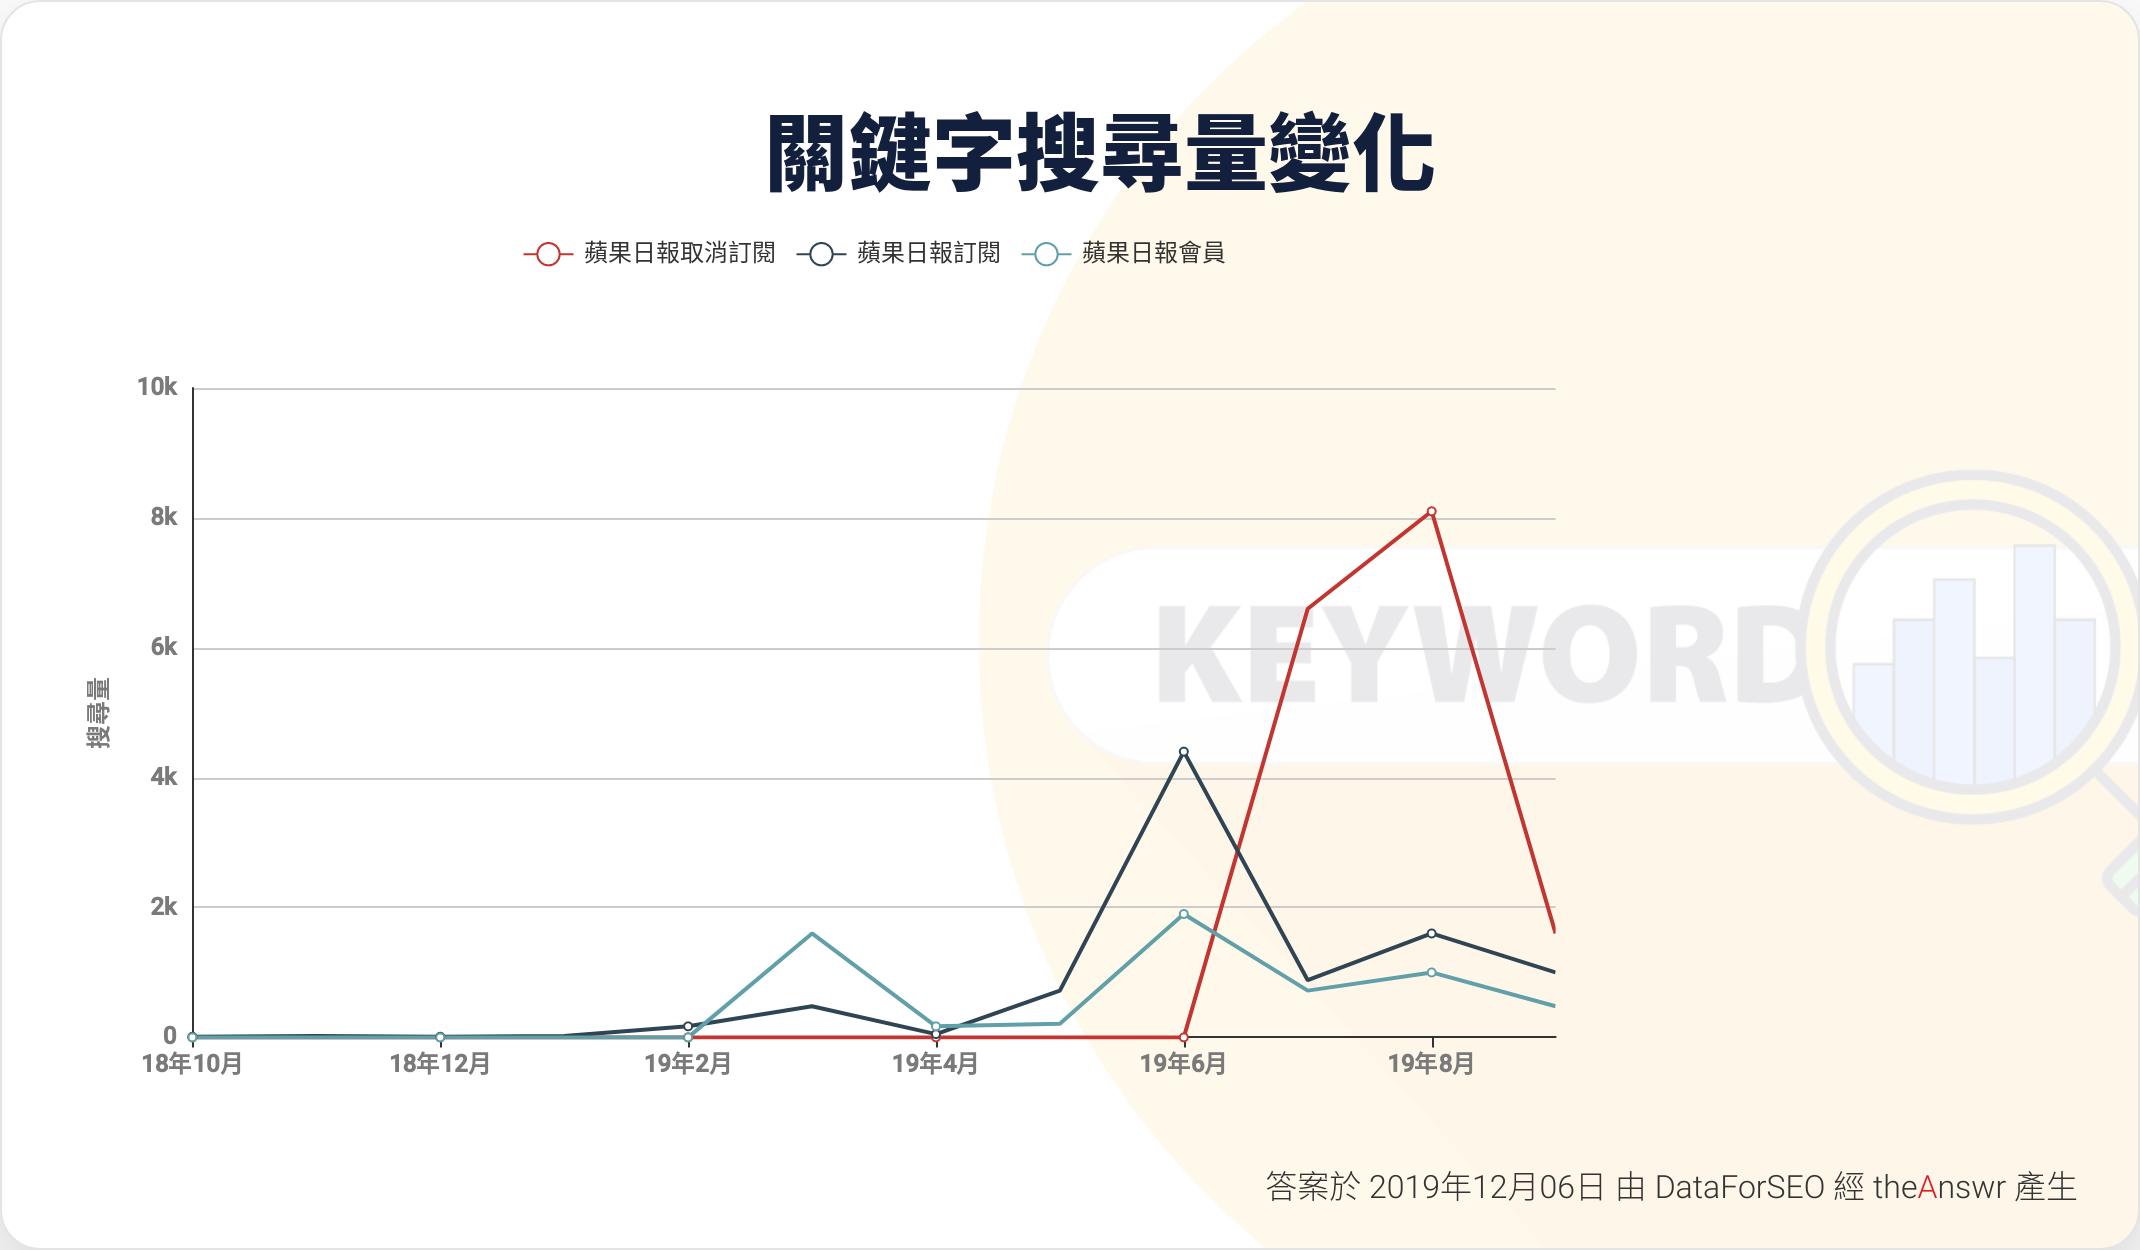 蘋果日報 取消訂閱 會員-搜尋trend